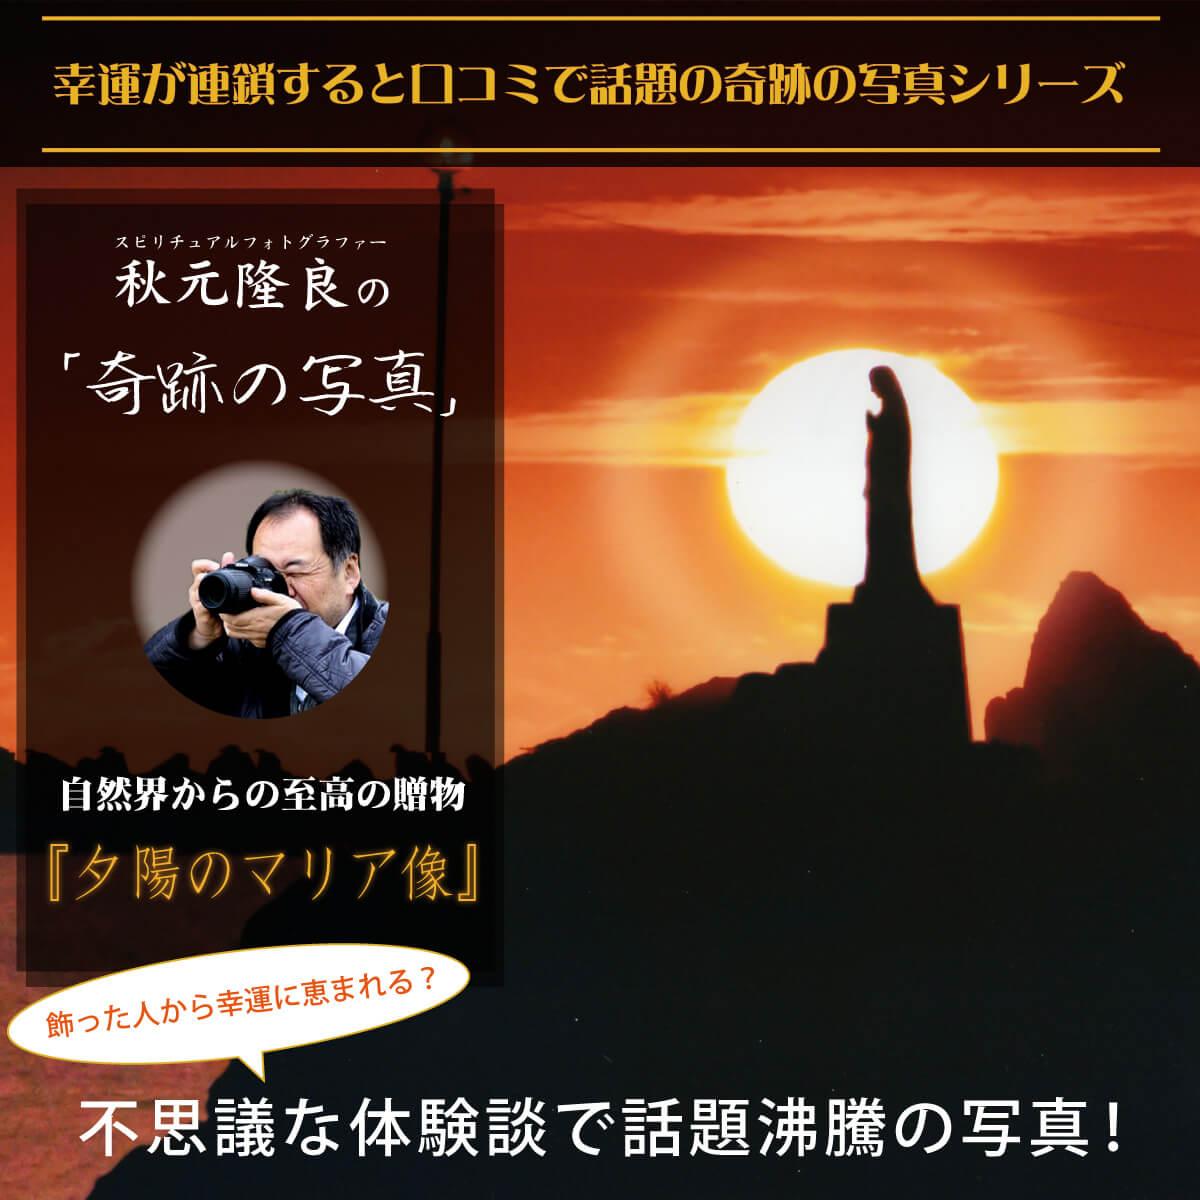 【奇跡の写真】夕陽のマリア像 ≫飾るだけで幸運が連鎖すると話題!秋元隆良の開運フォト作品 開運グッズ